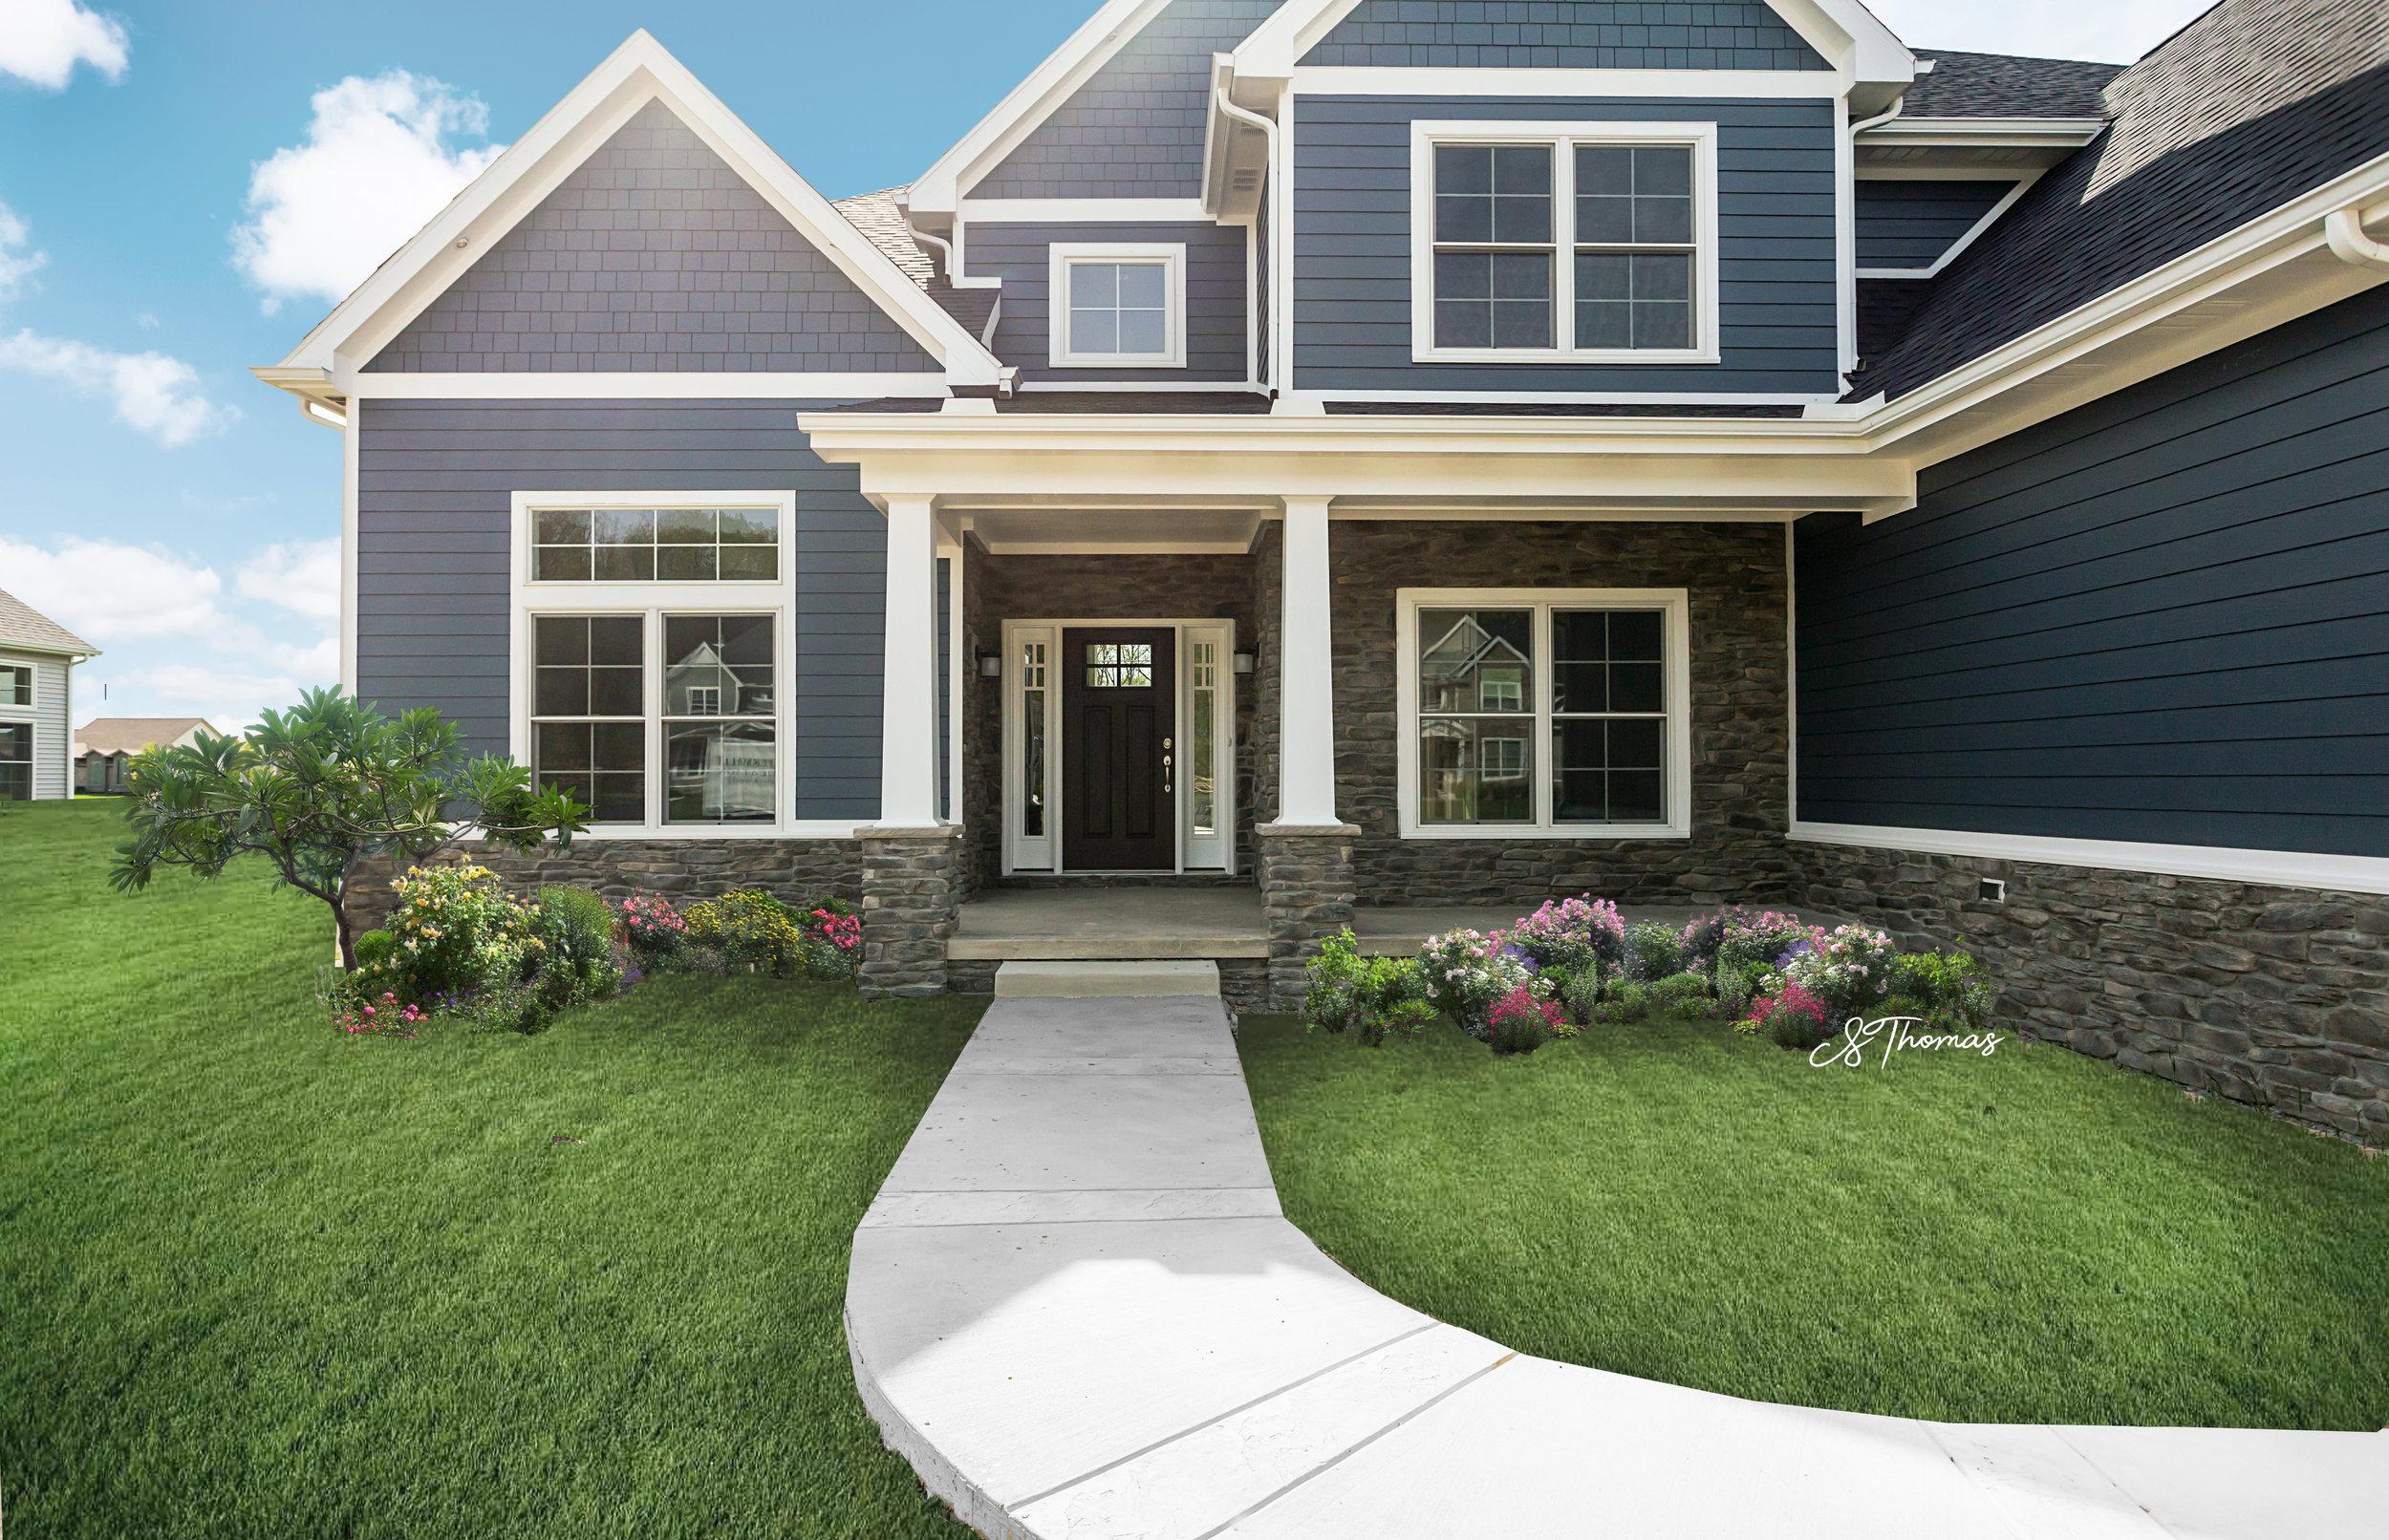 house3a.jpg